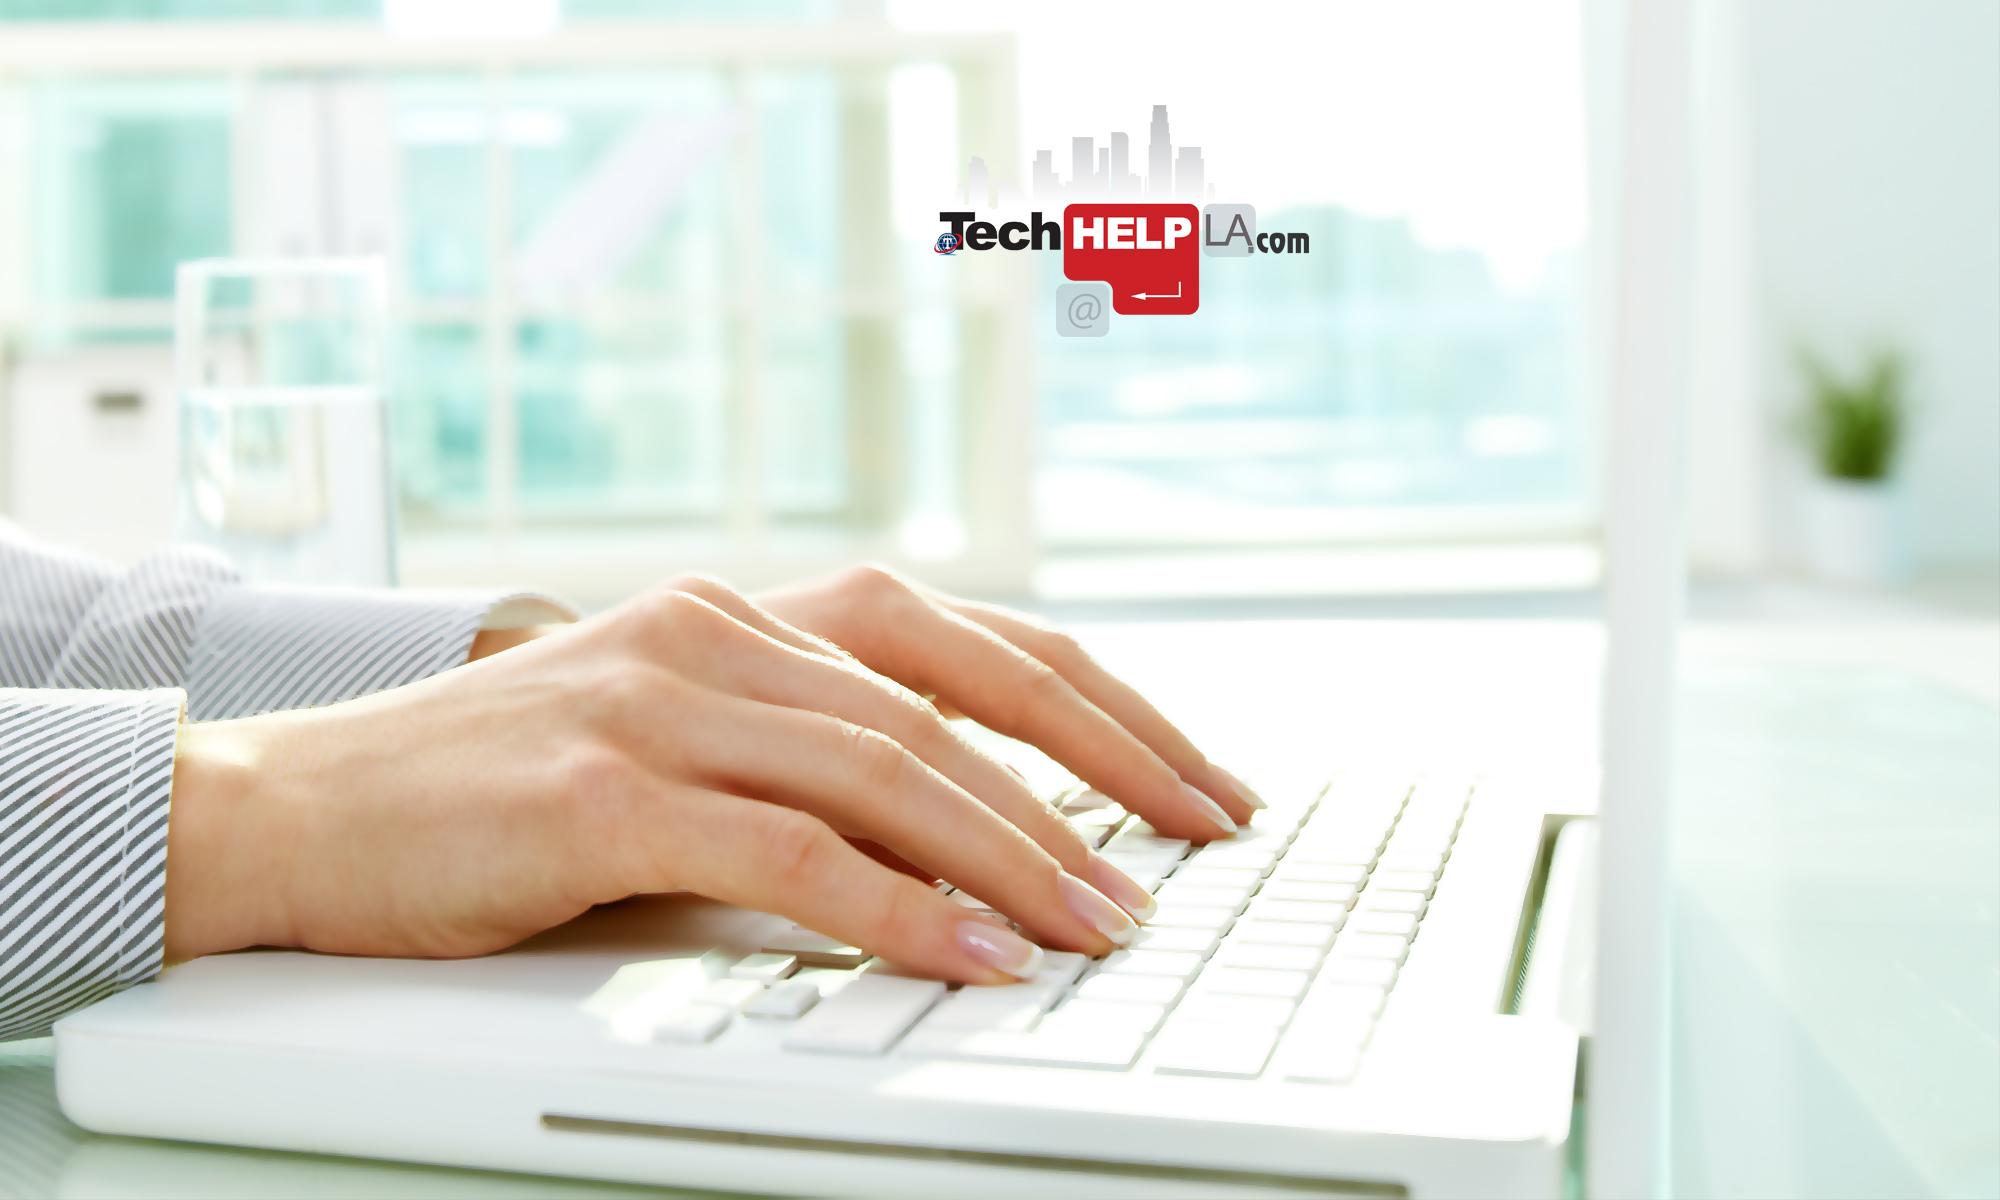 Live Chat Tech Help LA